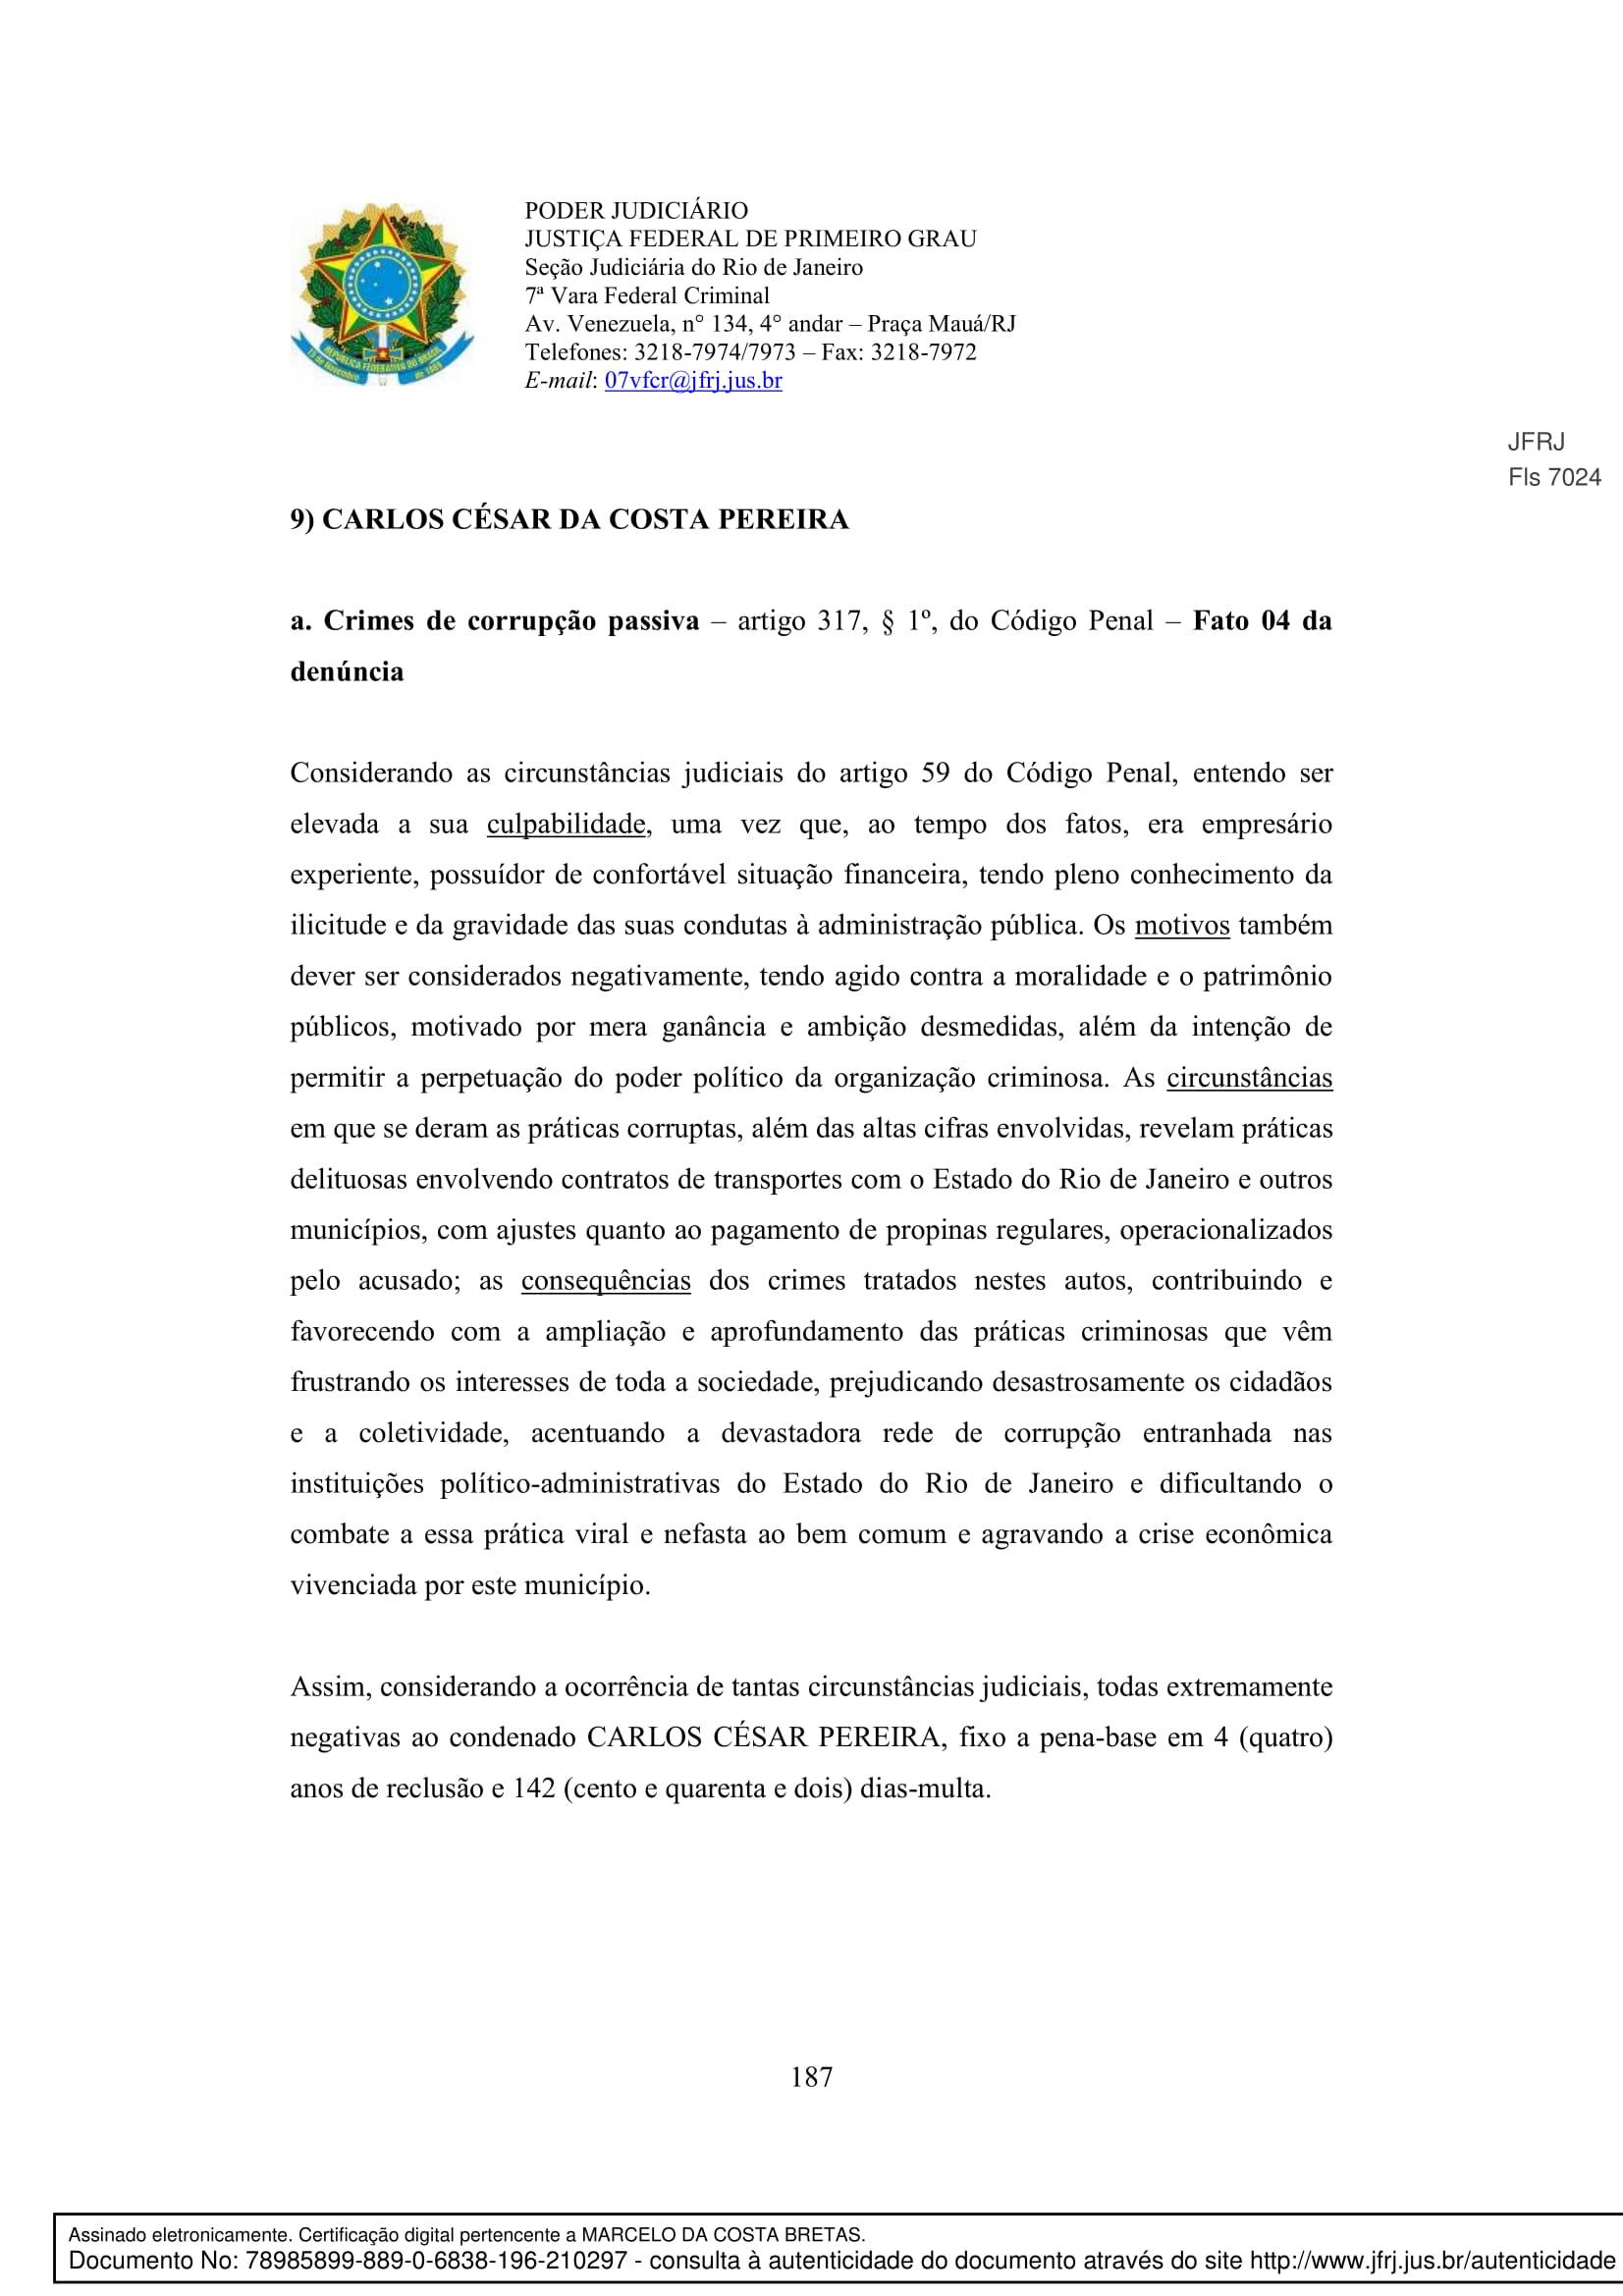 Sentenca-Cadeia-Velha-7VFC-187